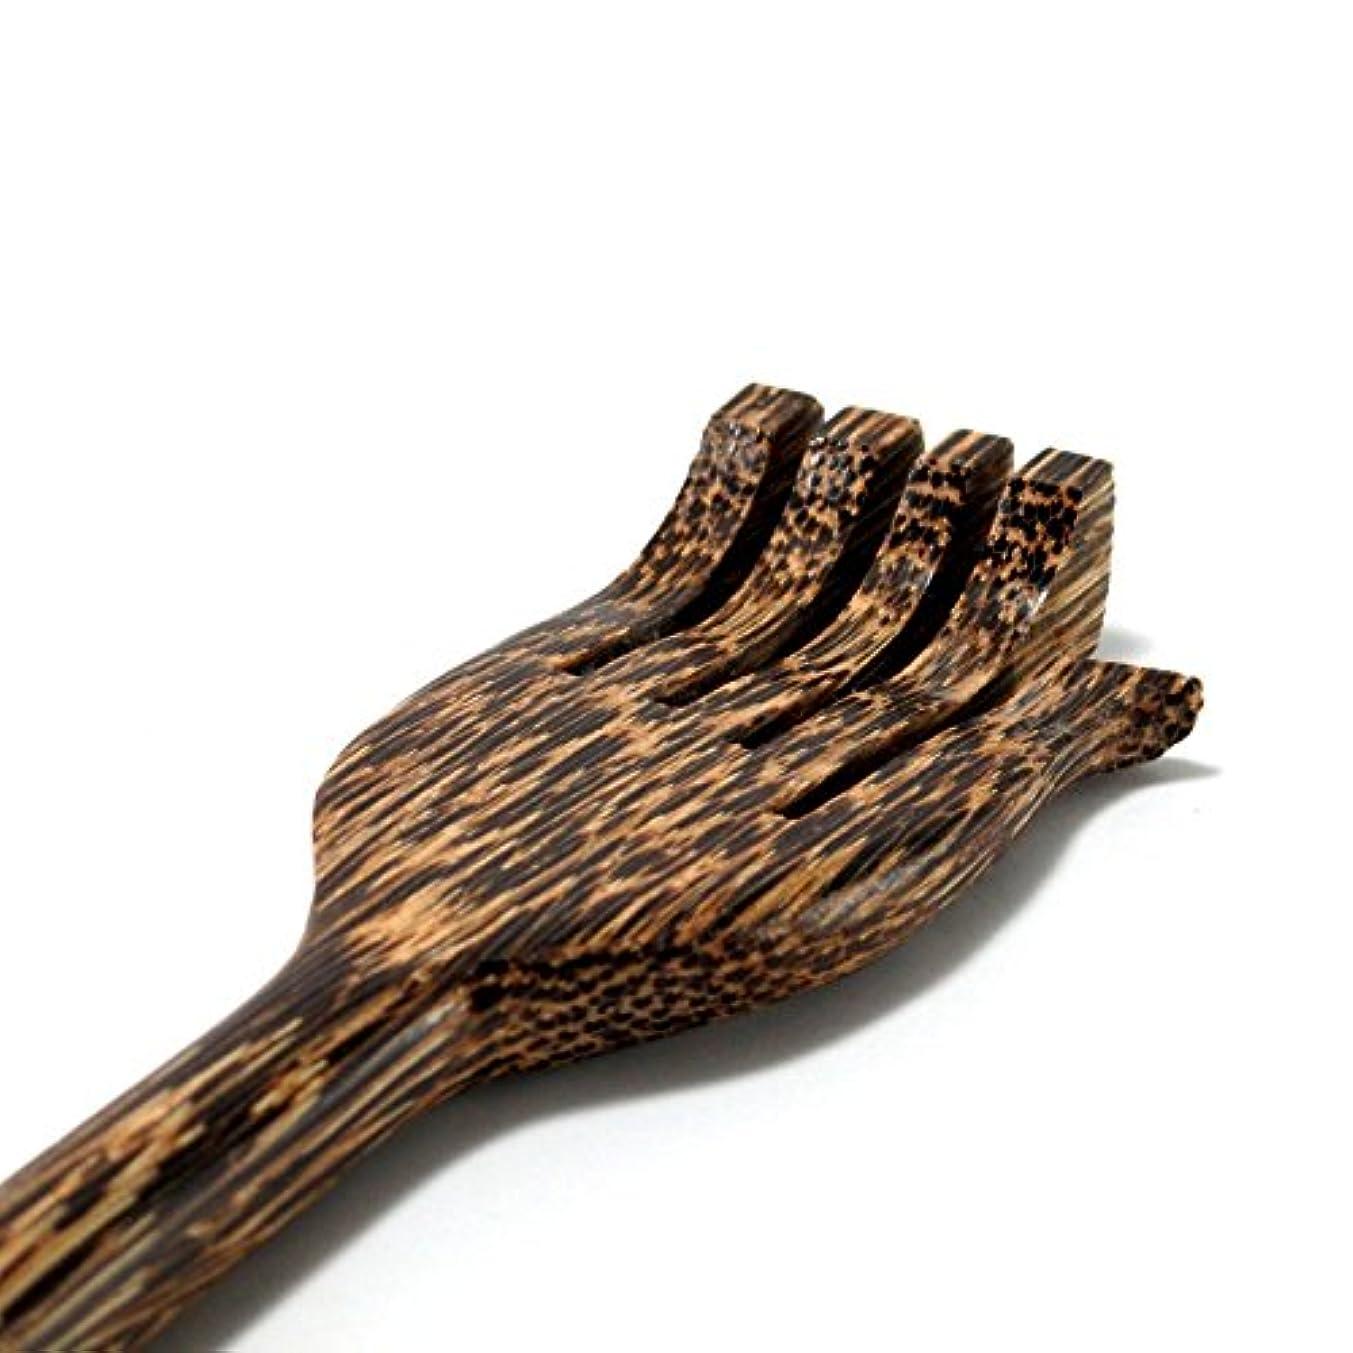 ホーム破滅的なトラックMARUKOA - バックスクラッチャー 新しいパームウッド手作りスティック タイボディマッサージ木製ギフト